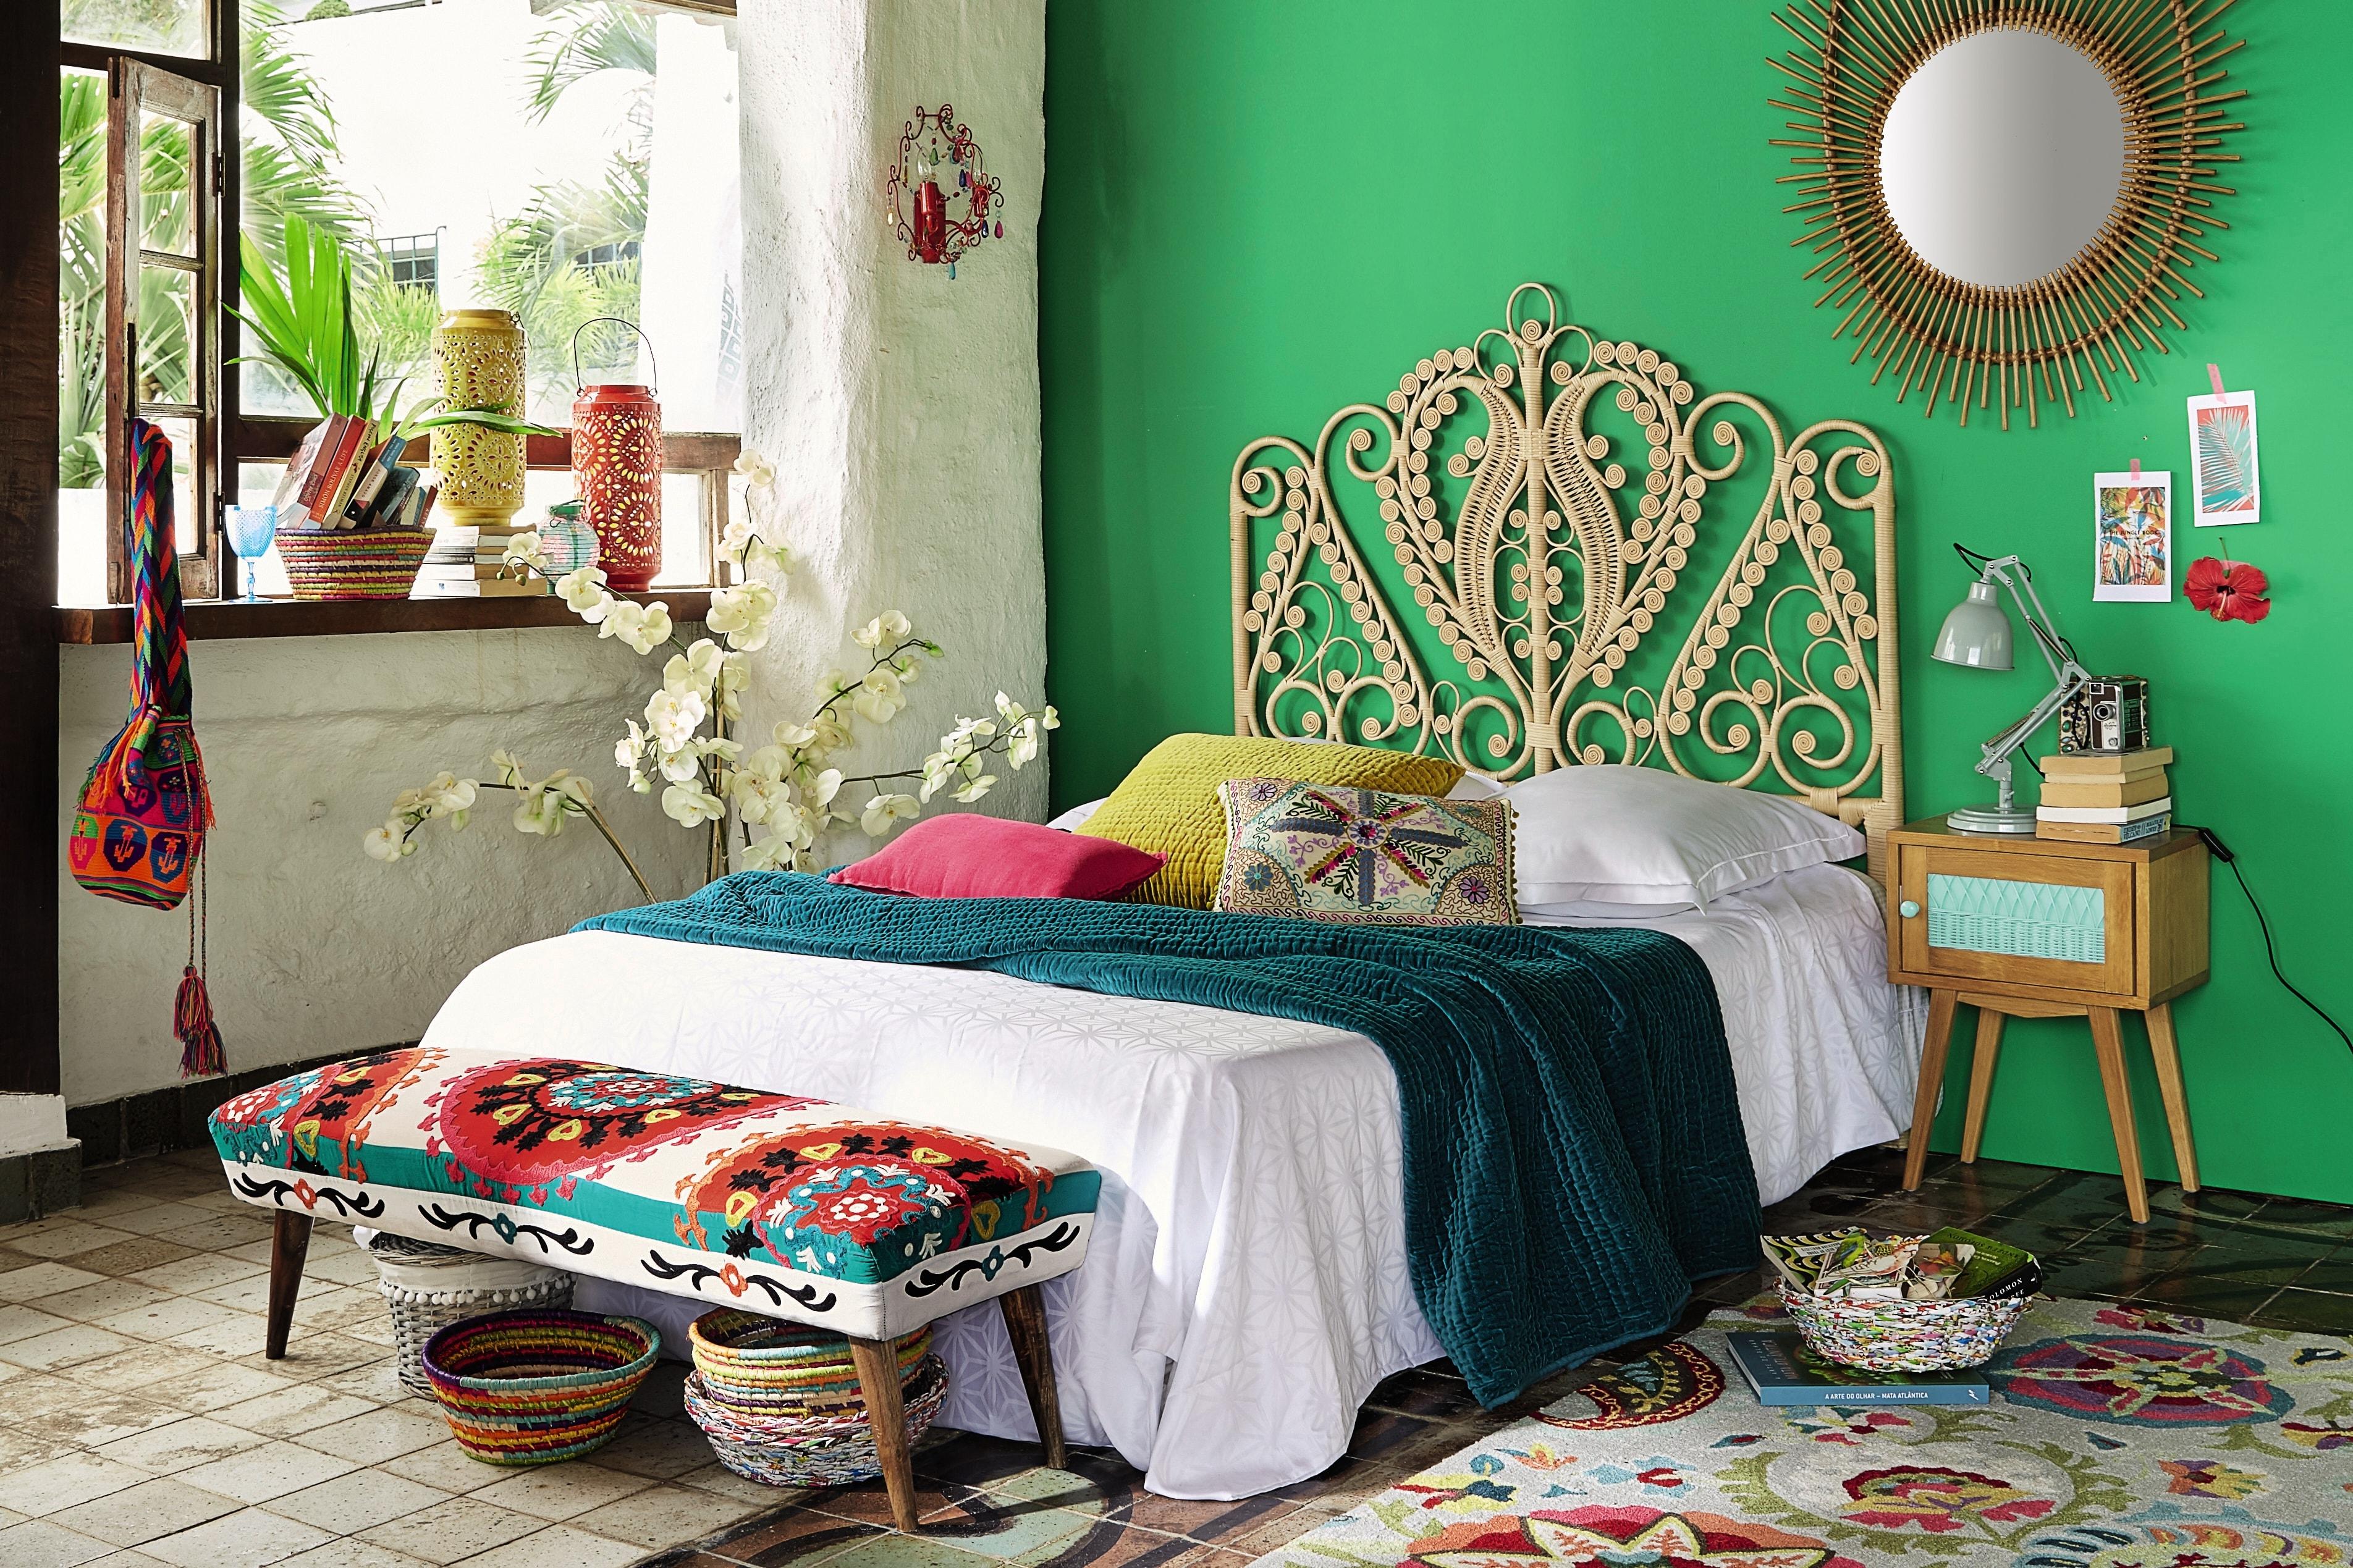 Comment donner une touche orientale à votre décoration